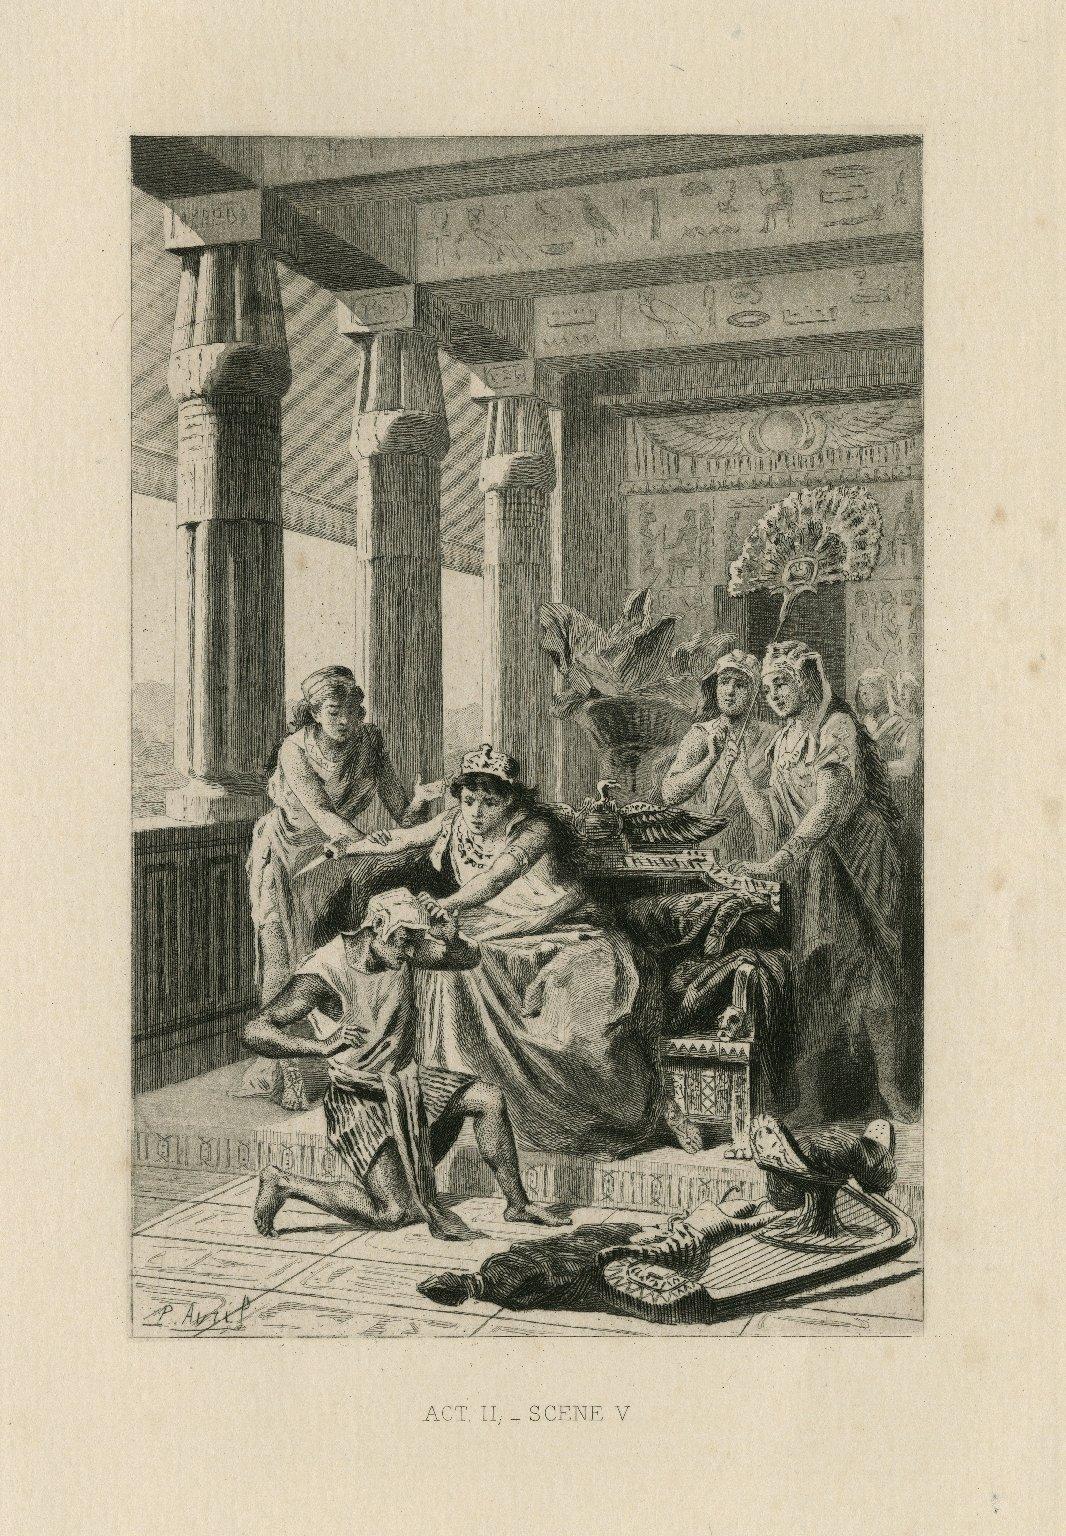 [Antony and Cleopatra] act II, scene v [graphic] / P. Avril.